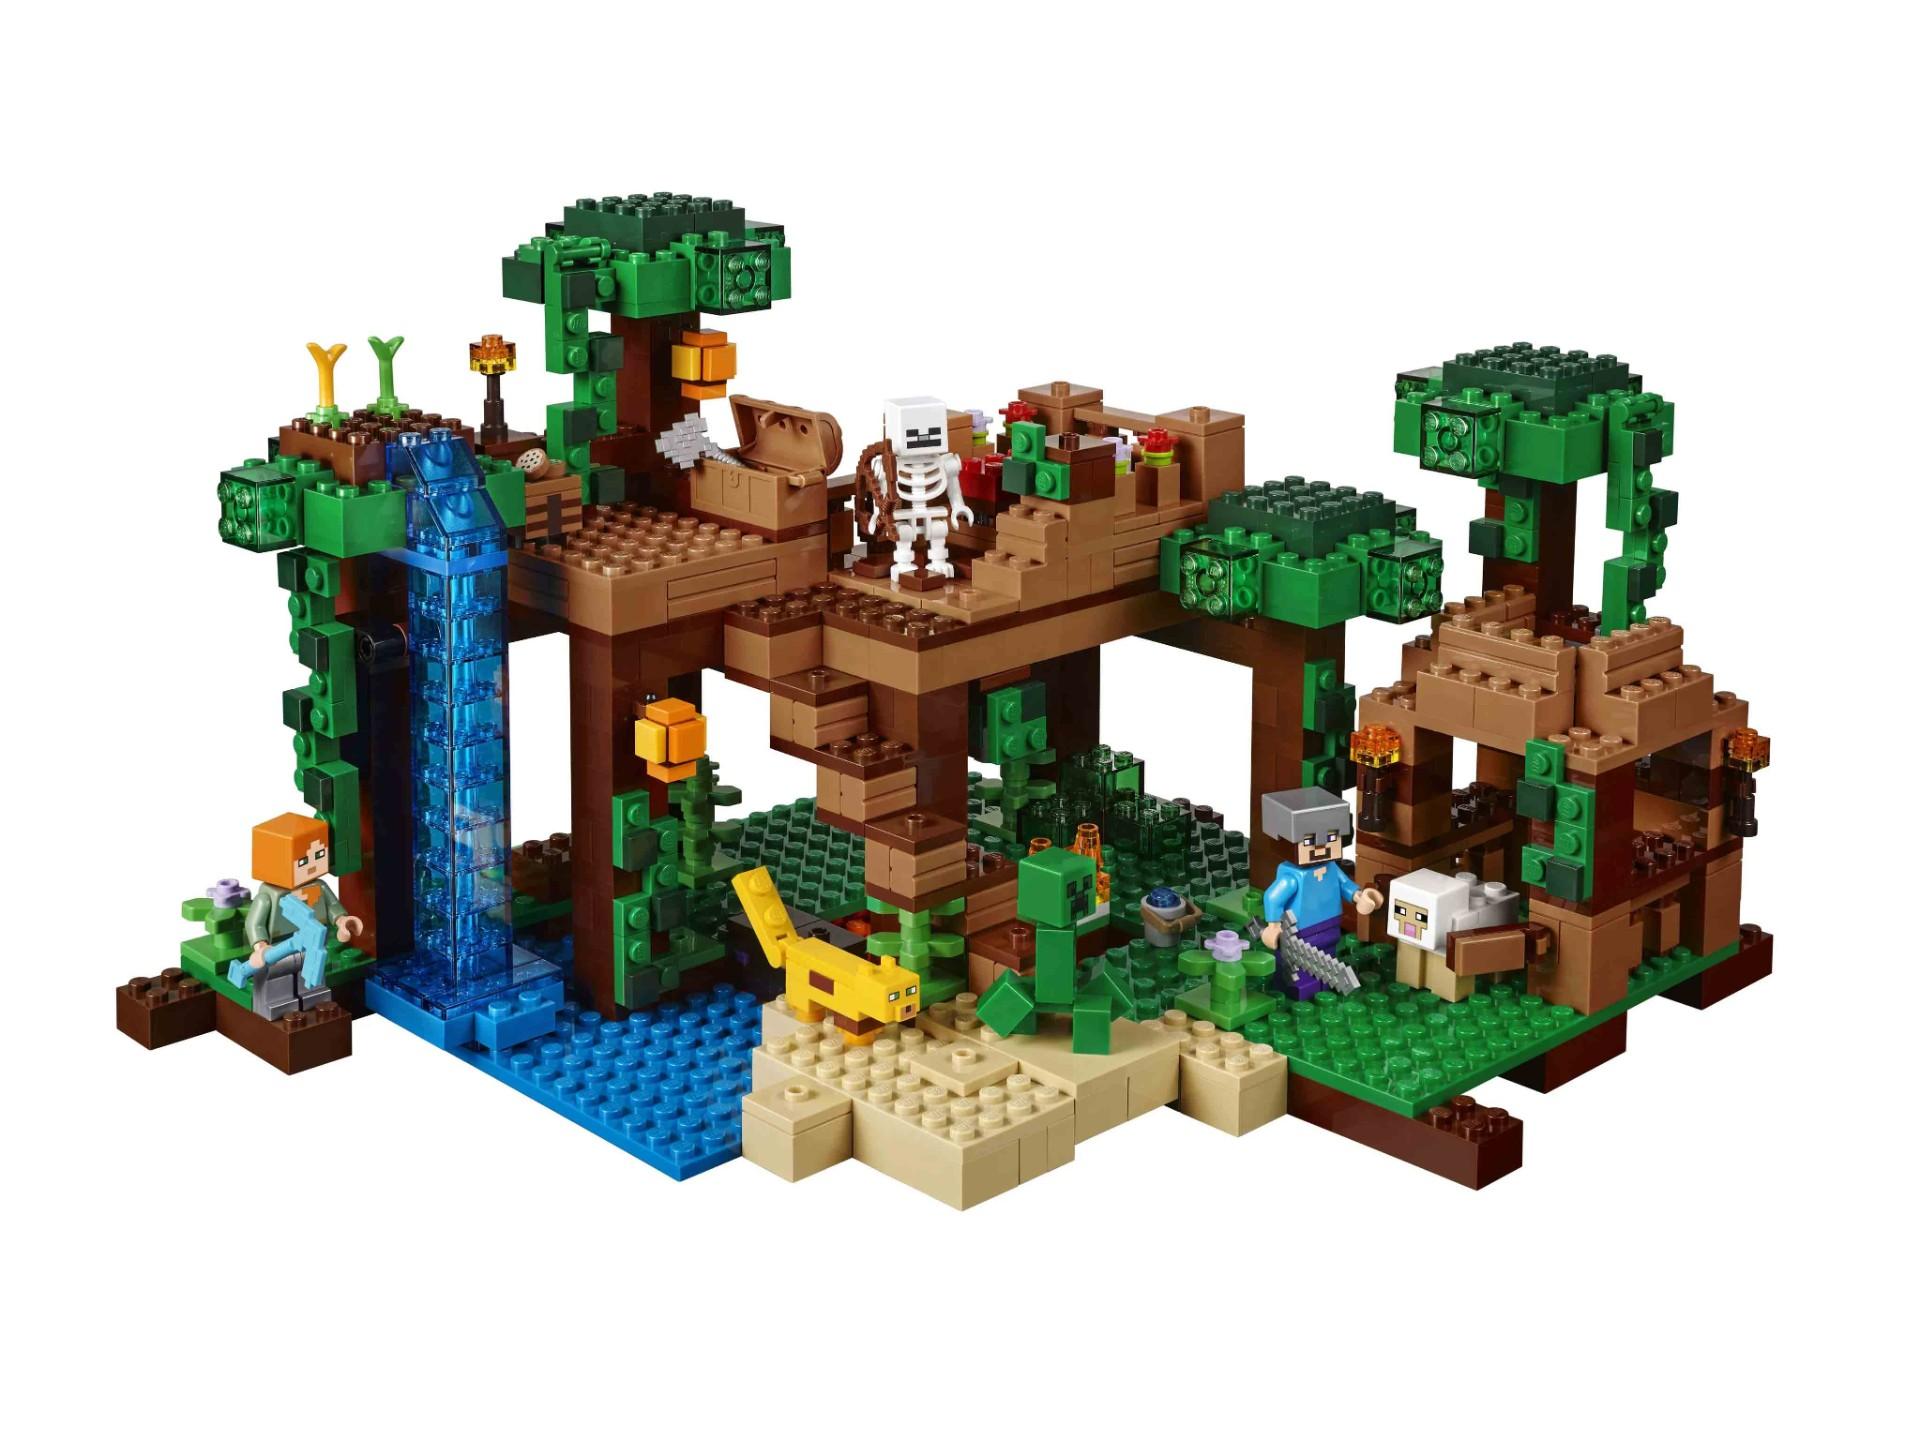 Конструктор Bl «Домик на дереве в джунглях» 10471 (Minecraft 21125) / 718 деталей